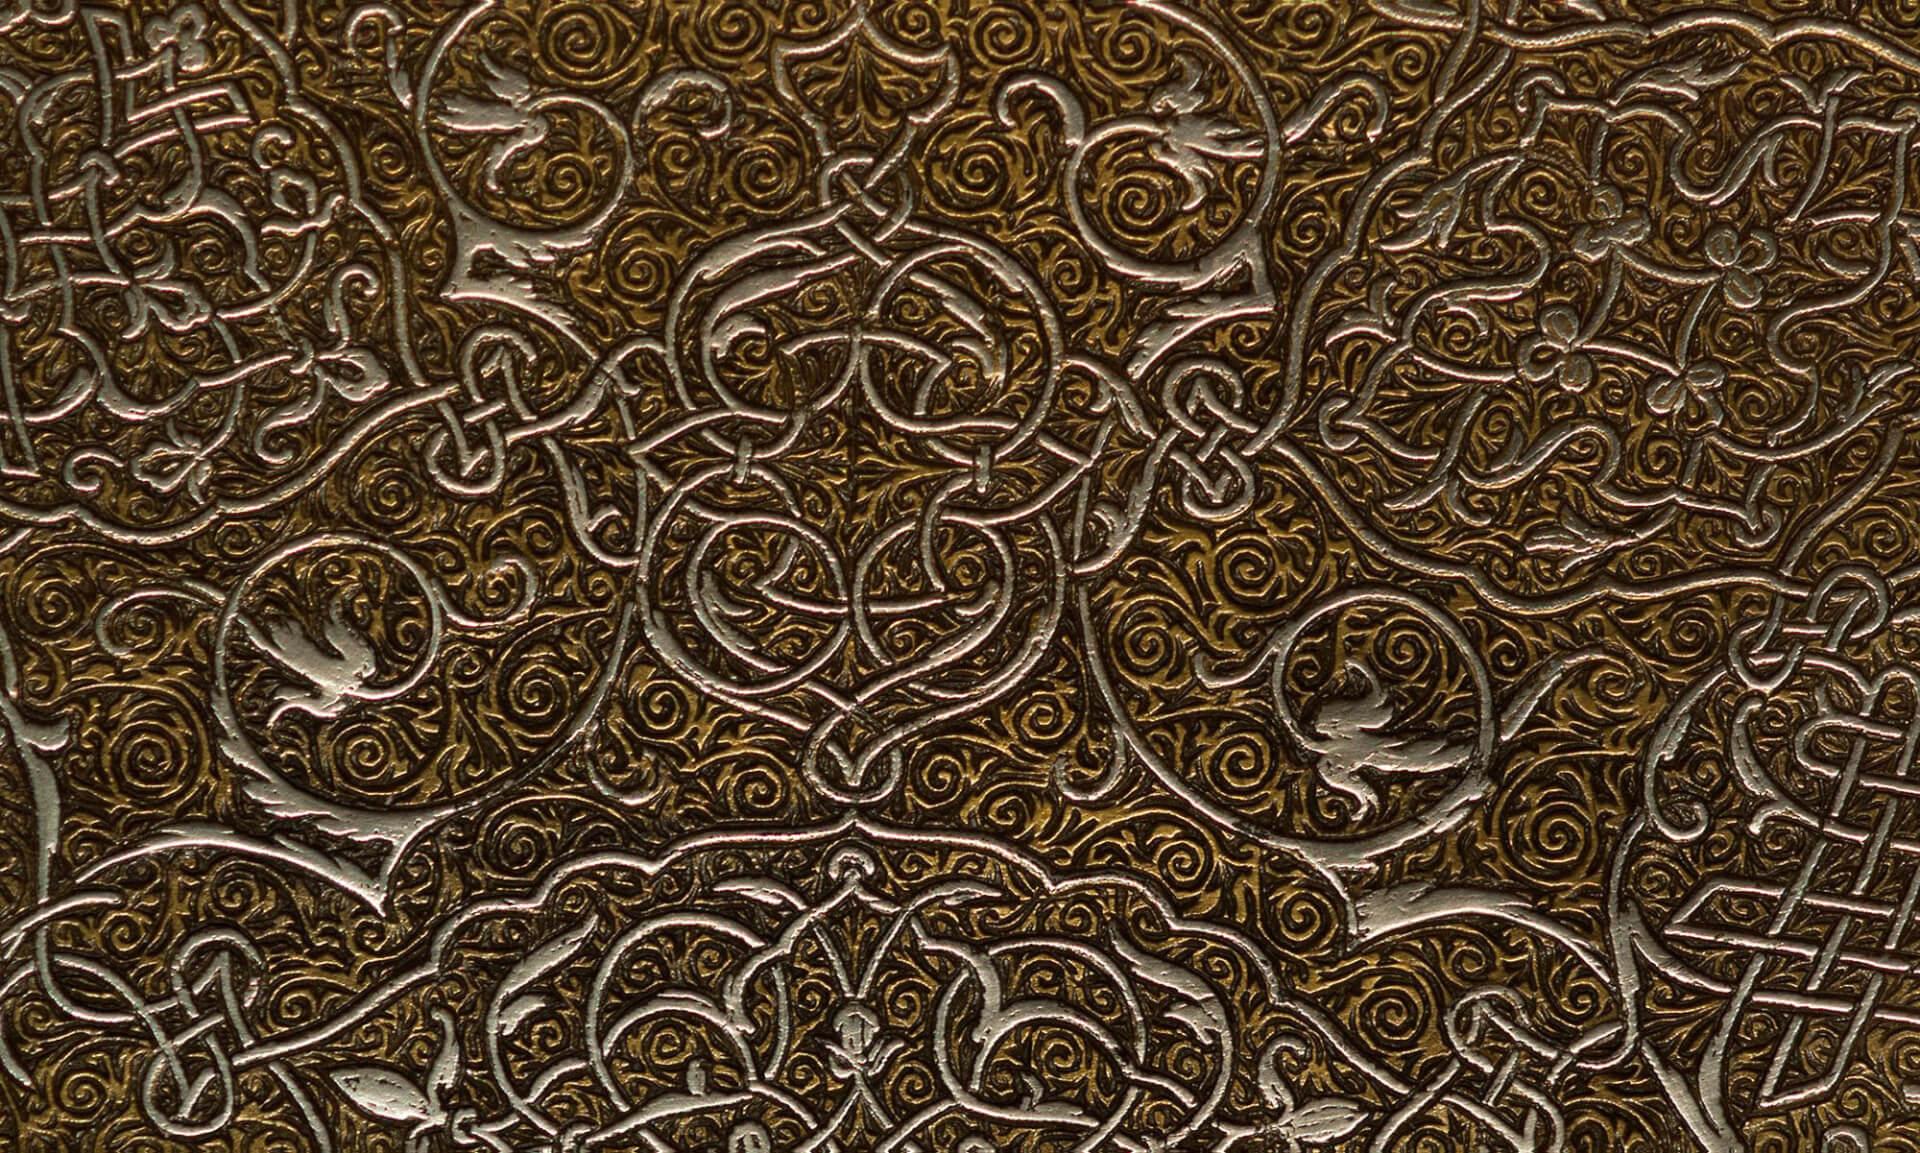 15th Century Metal Work (DE9602) Detail Doug Garrabrants